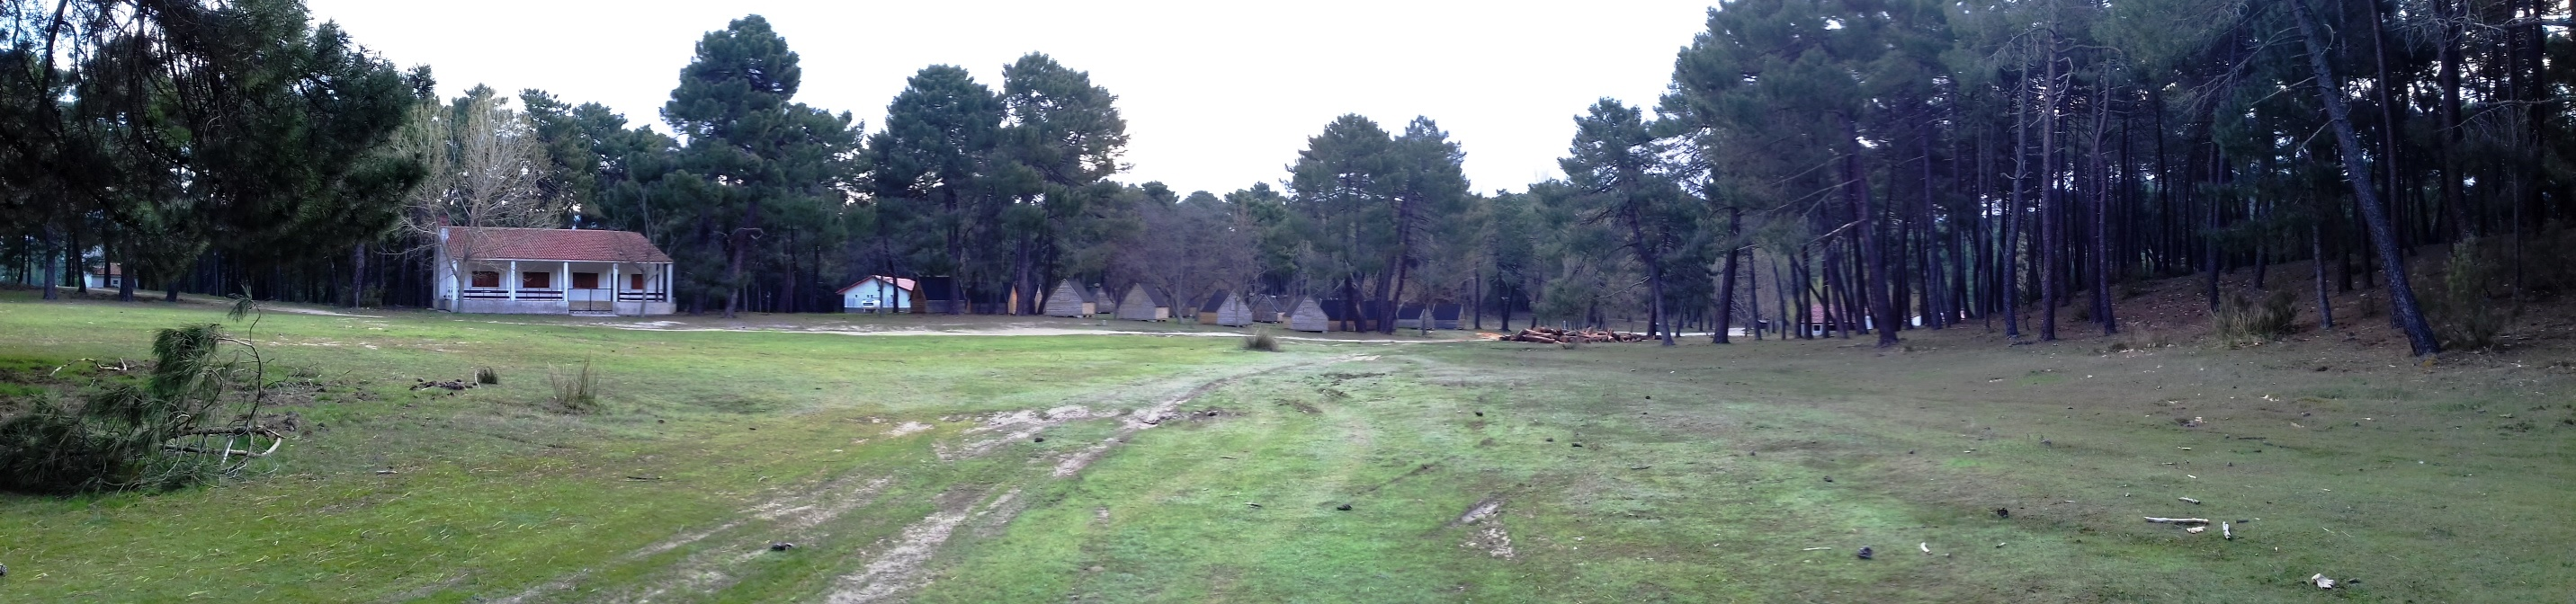 Vista de la Explanada de los campamentos